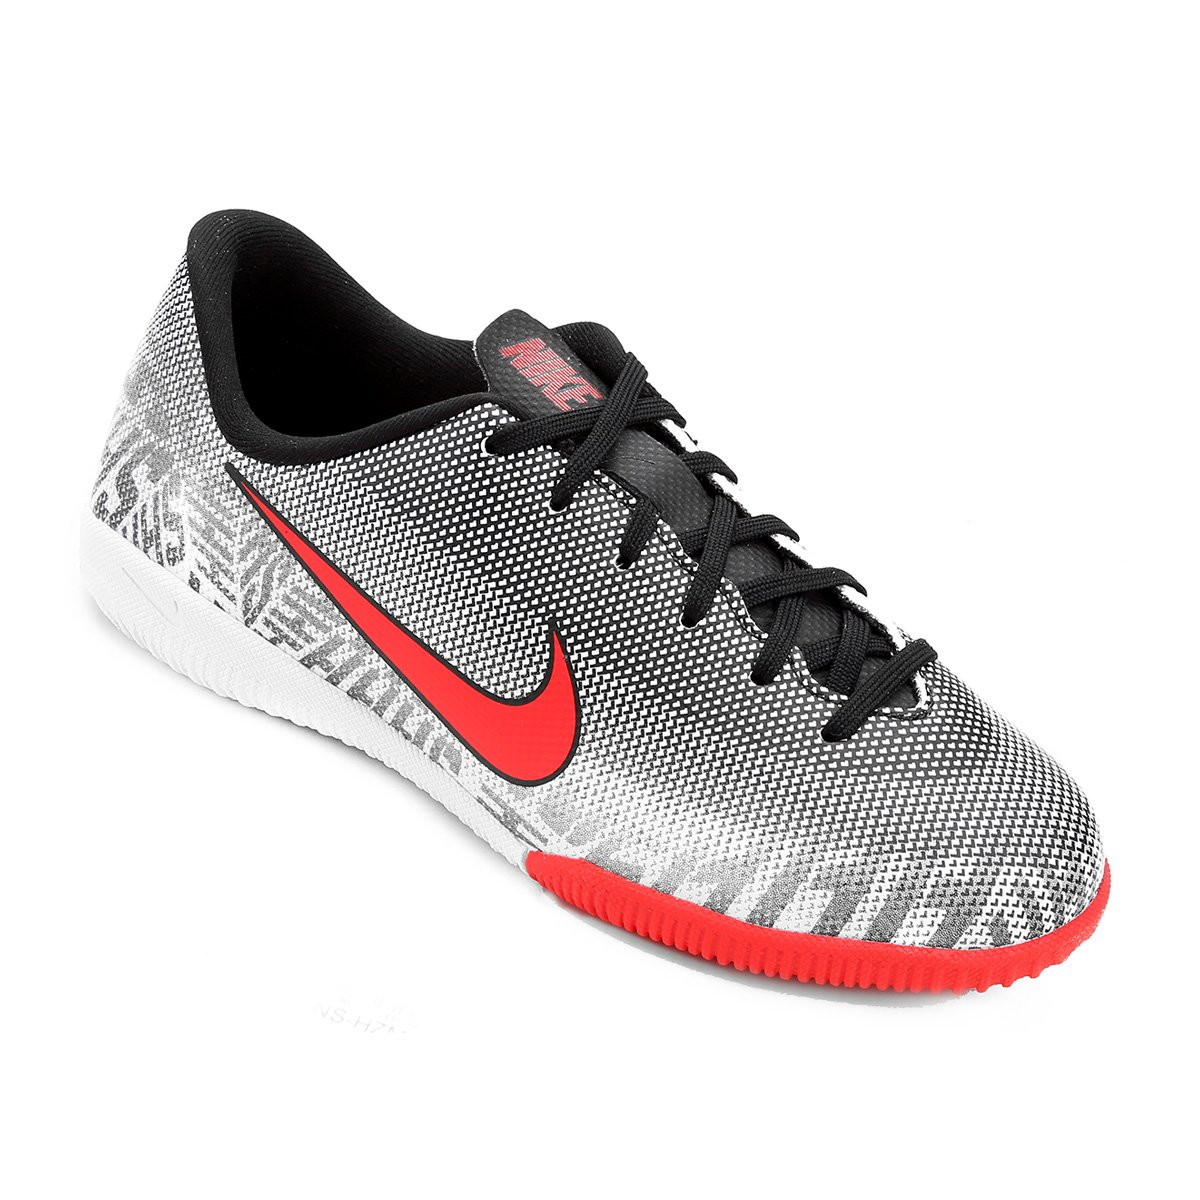 e77ae47ce1 Chuteira Futsal Infantil Nike Mercurial Vapor 12 Academy Gs Neymar Jr IC -  Branco e Vermelho